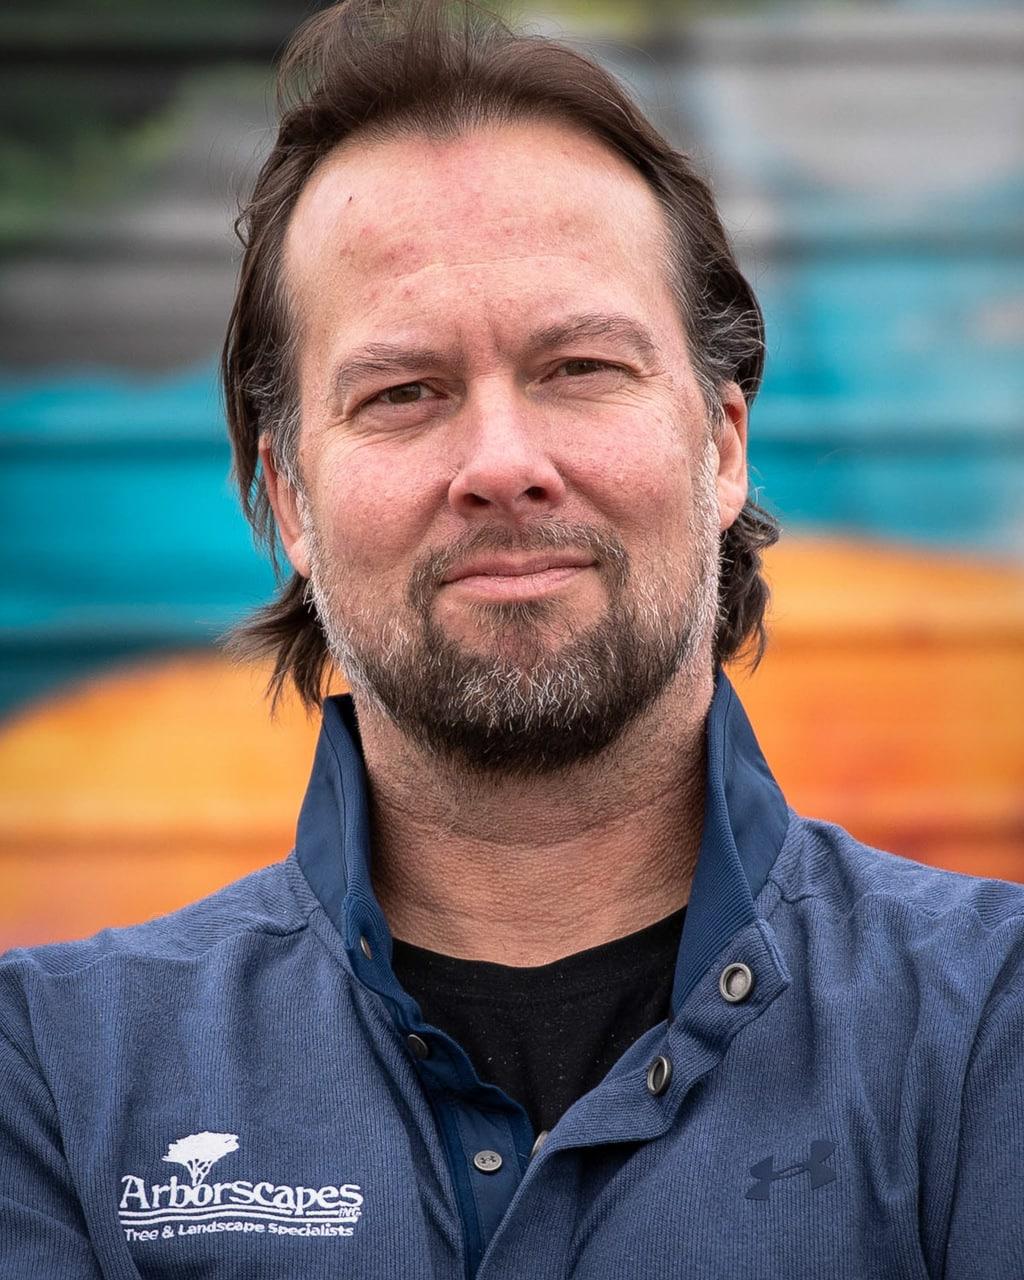 Master Arborist Robert Smith